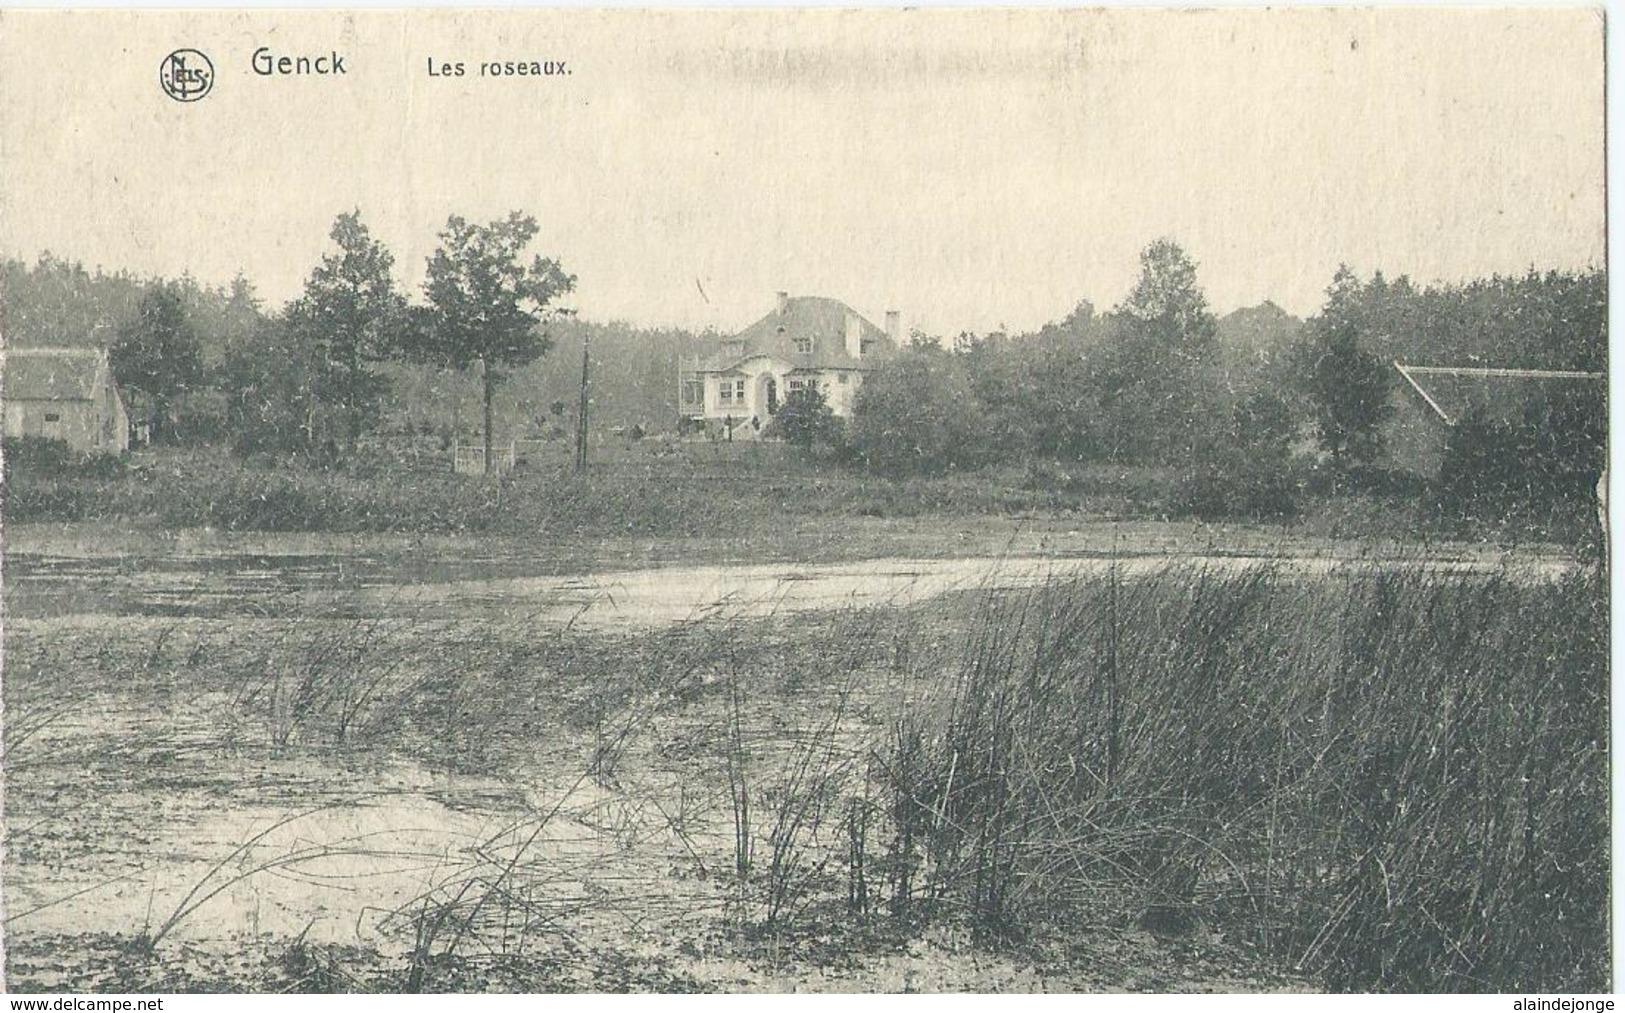 Genk - Genck - Les Roseaux - Edition Maison Lowis Genck - 1919 - Genk